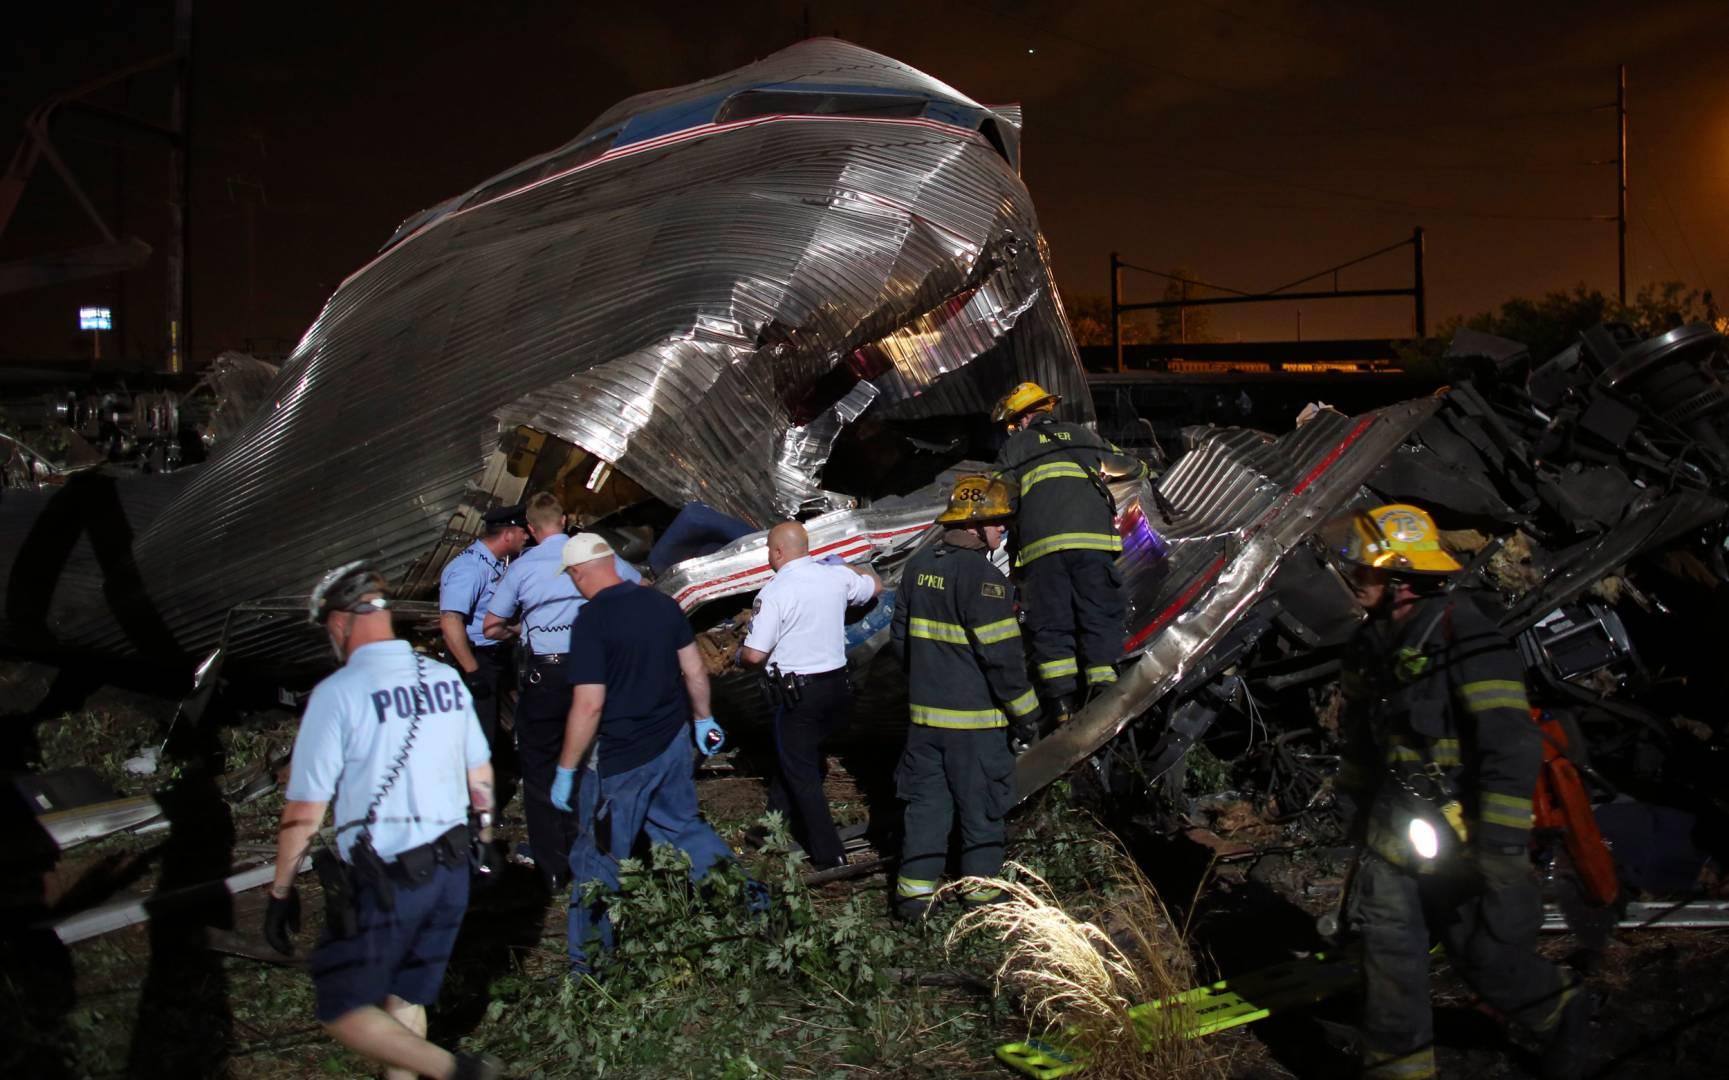 Estremecedora imagen tras el accidente ferroviario ocurrido la pasada noche en Filadelfia. Foto: NBC News.